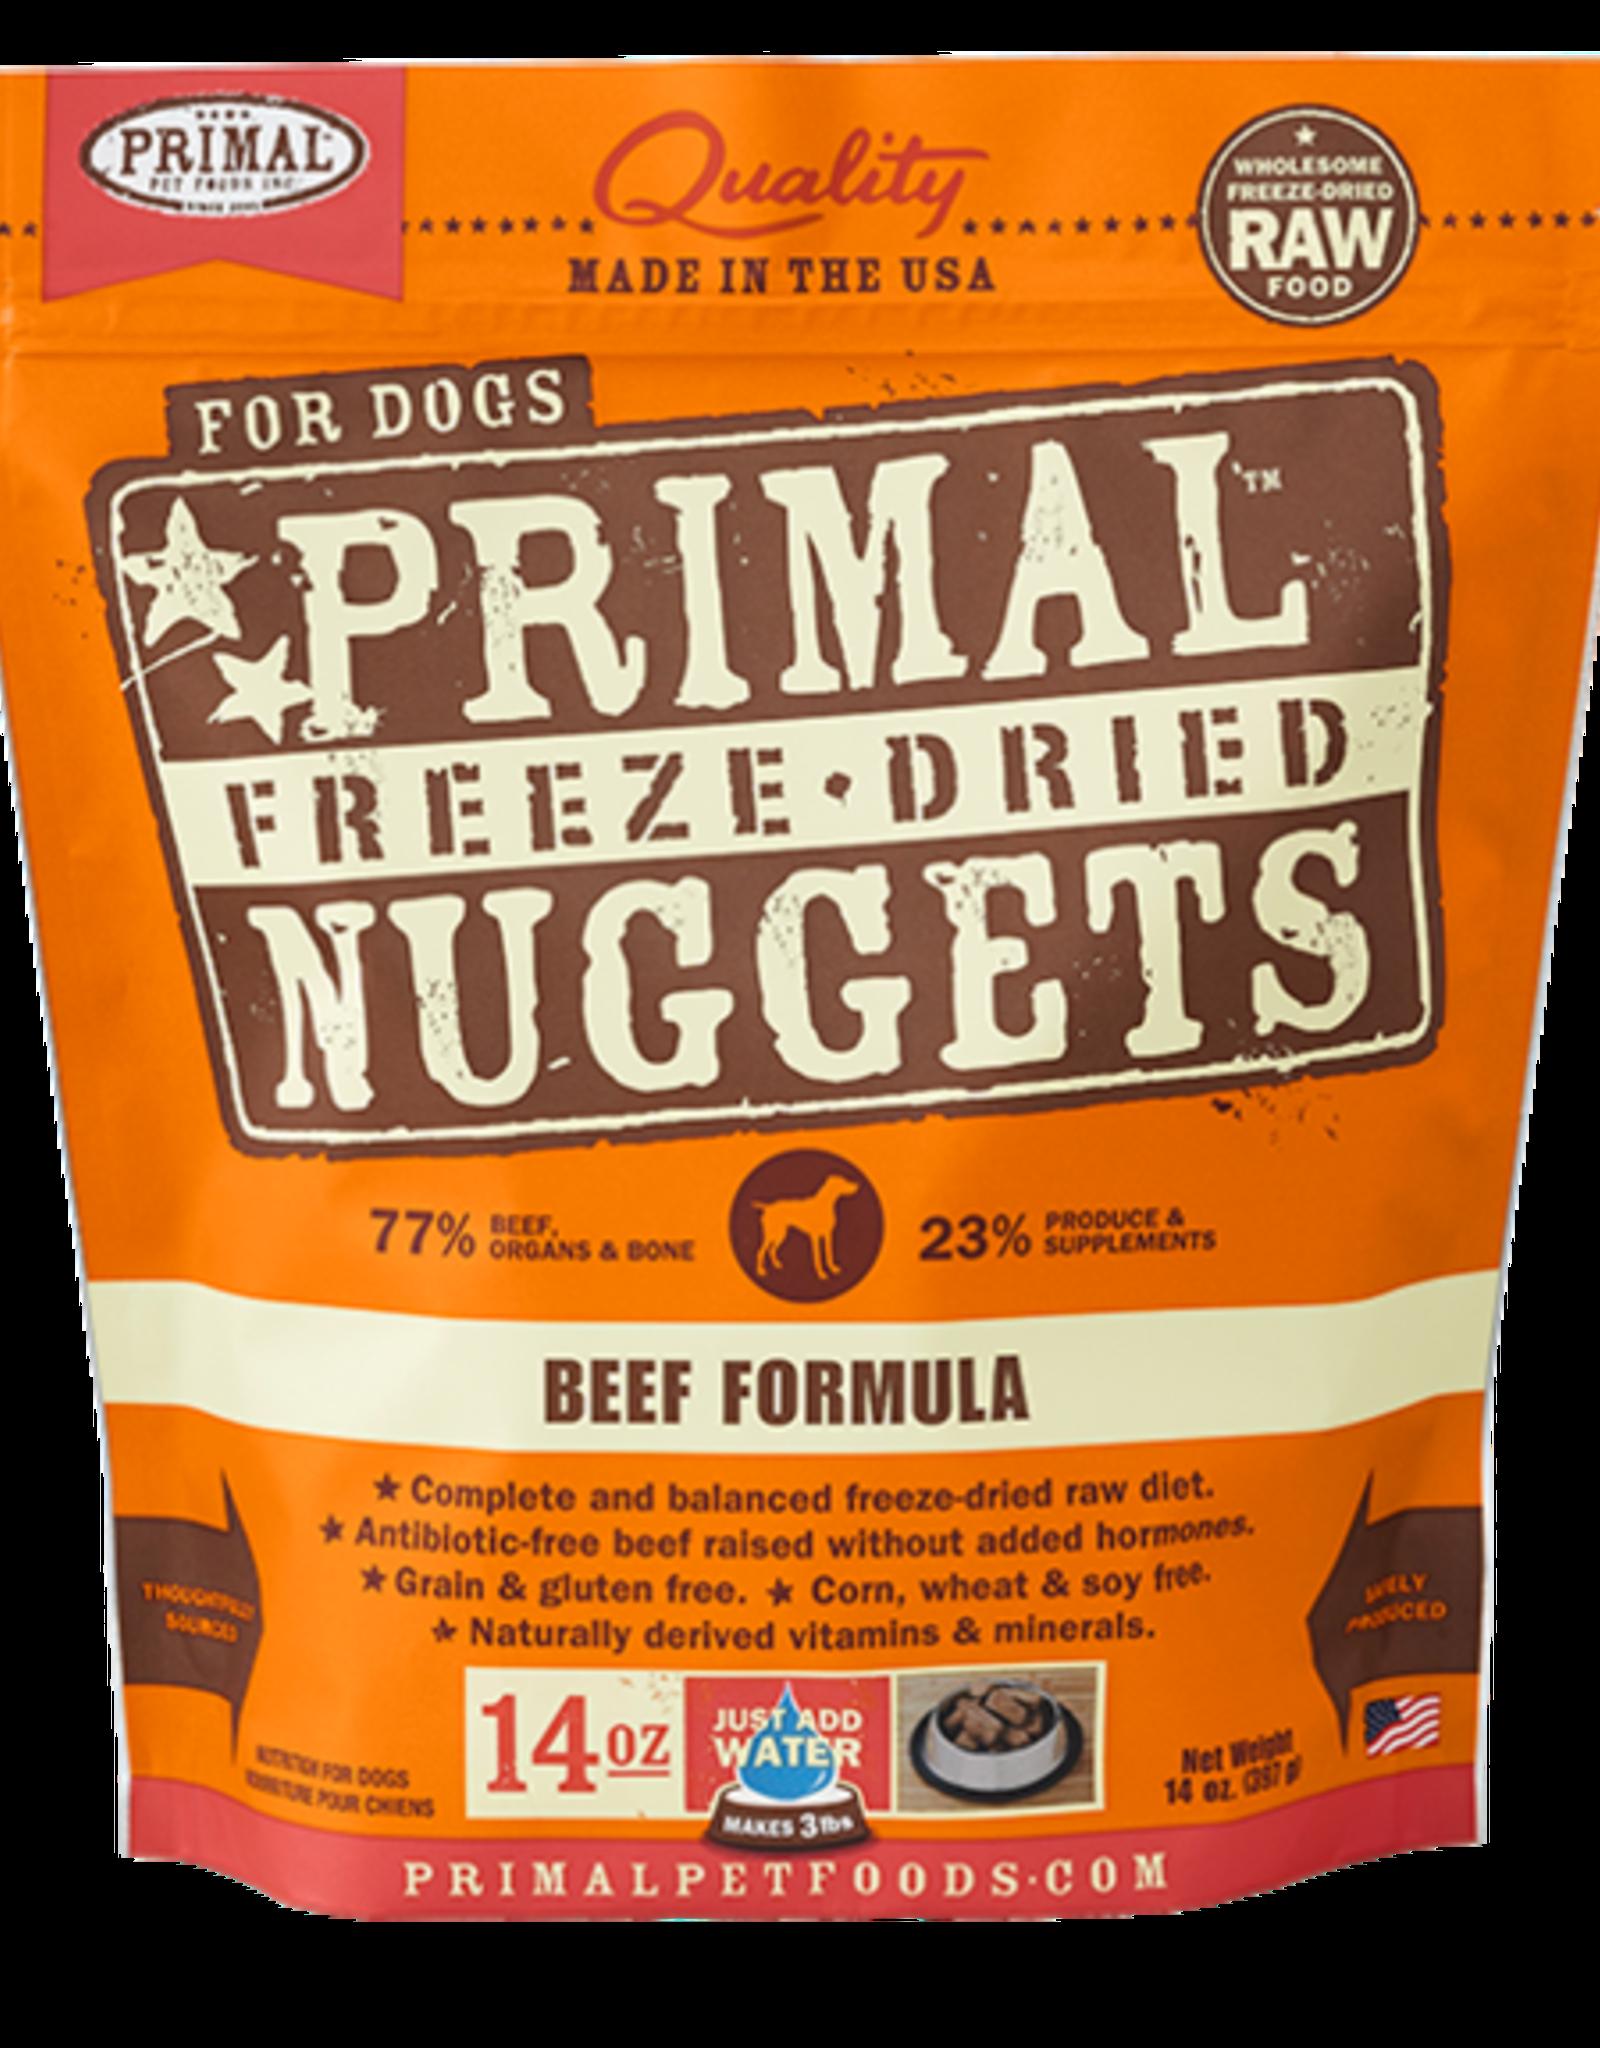 Primal Primal fd beef for dog